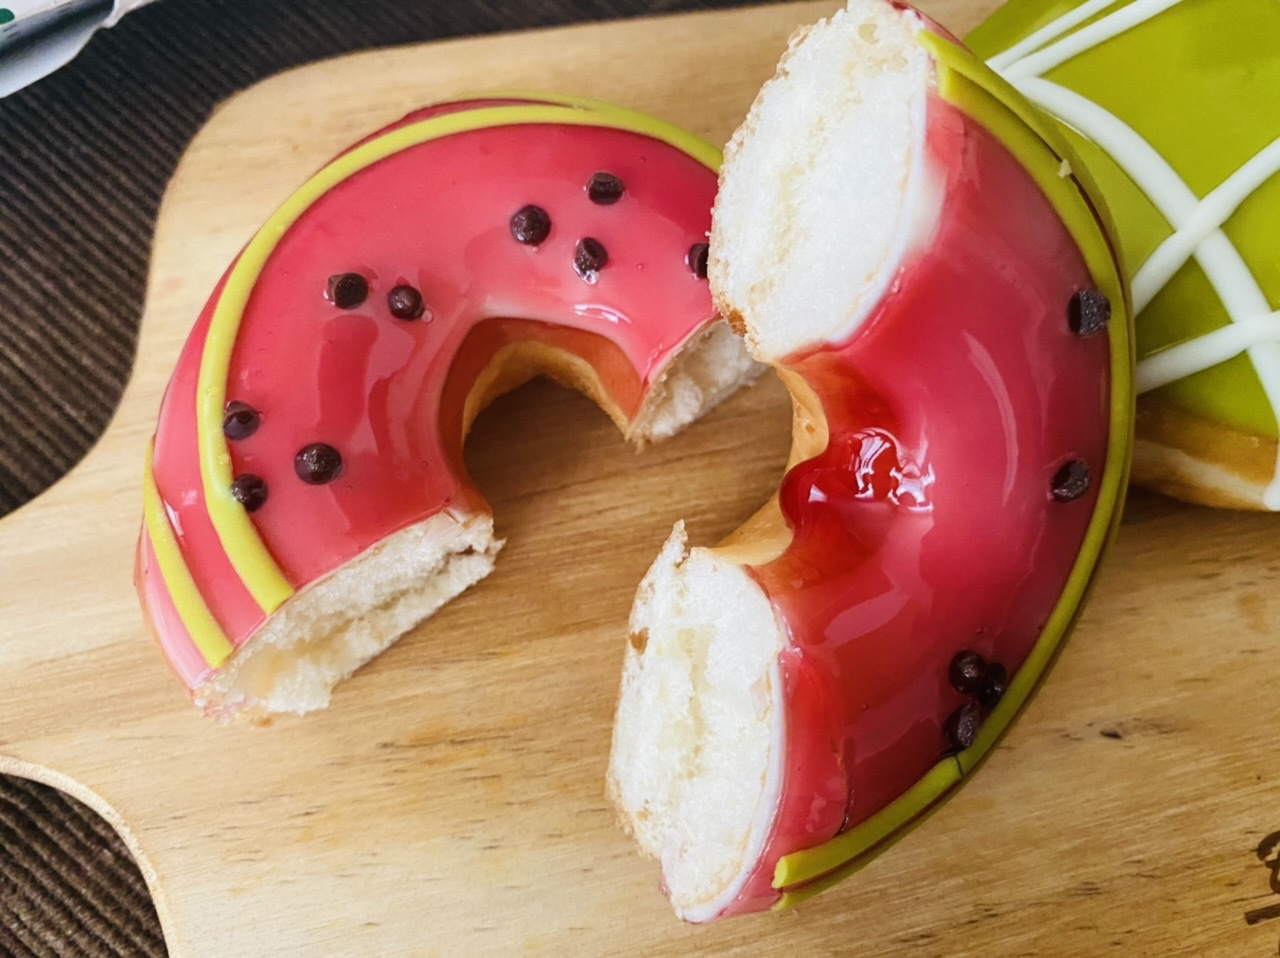 【クリスピー・クリーム・ドーナツ】まるでスイカとメロン♡初夏限定ドーナツが可愛すぎる!_3